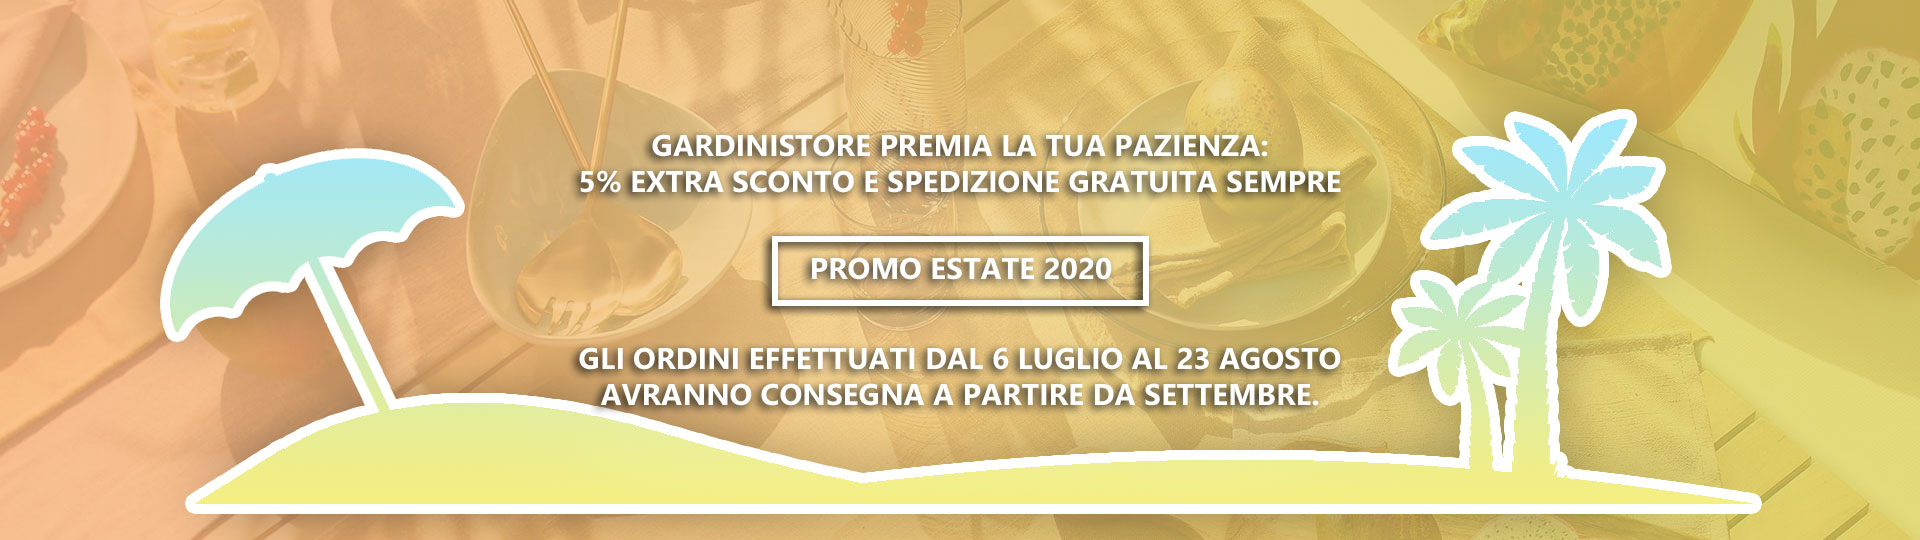 Promo Estate 2020